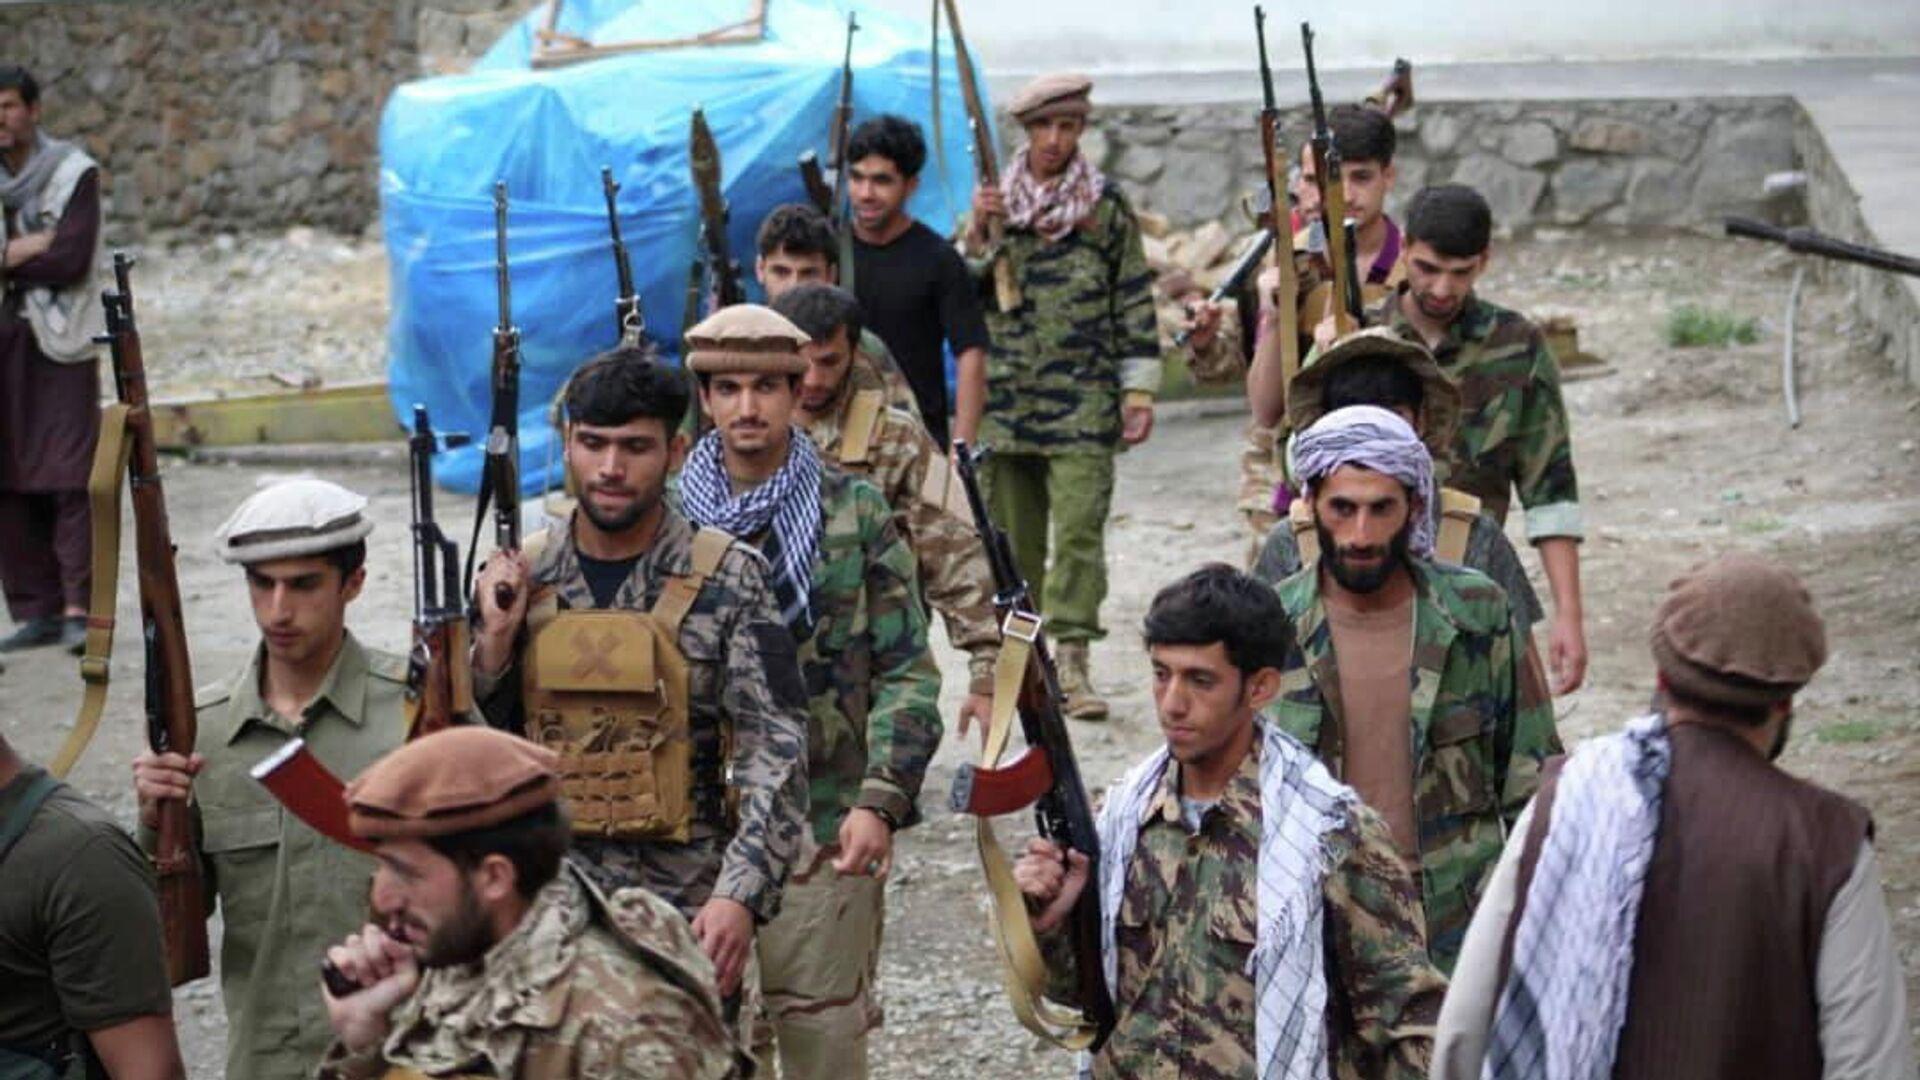 Песков не стал комментировать выбор даты инаугурации правительства талибов